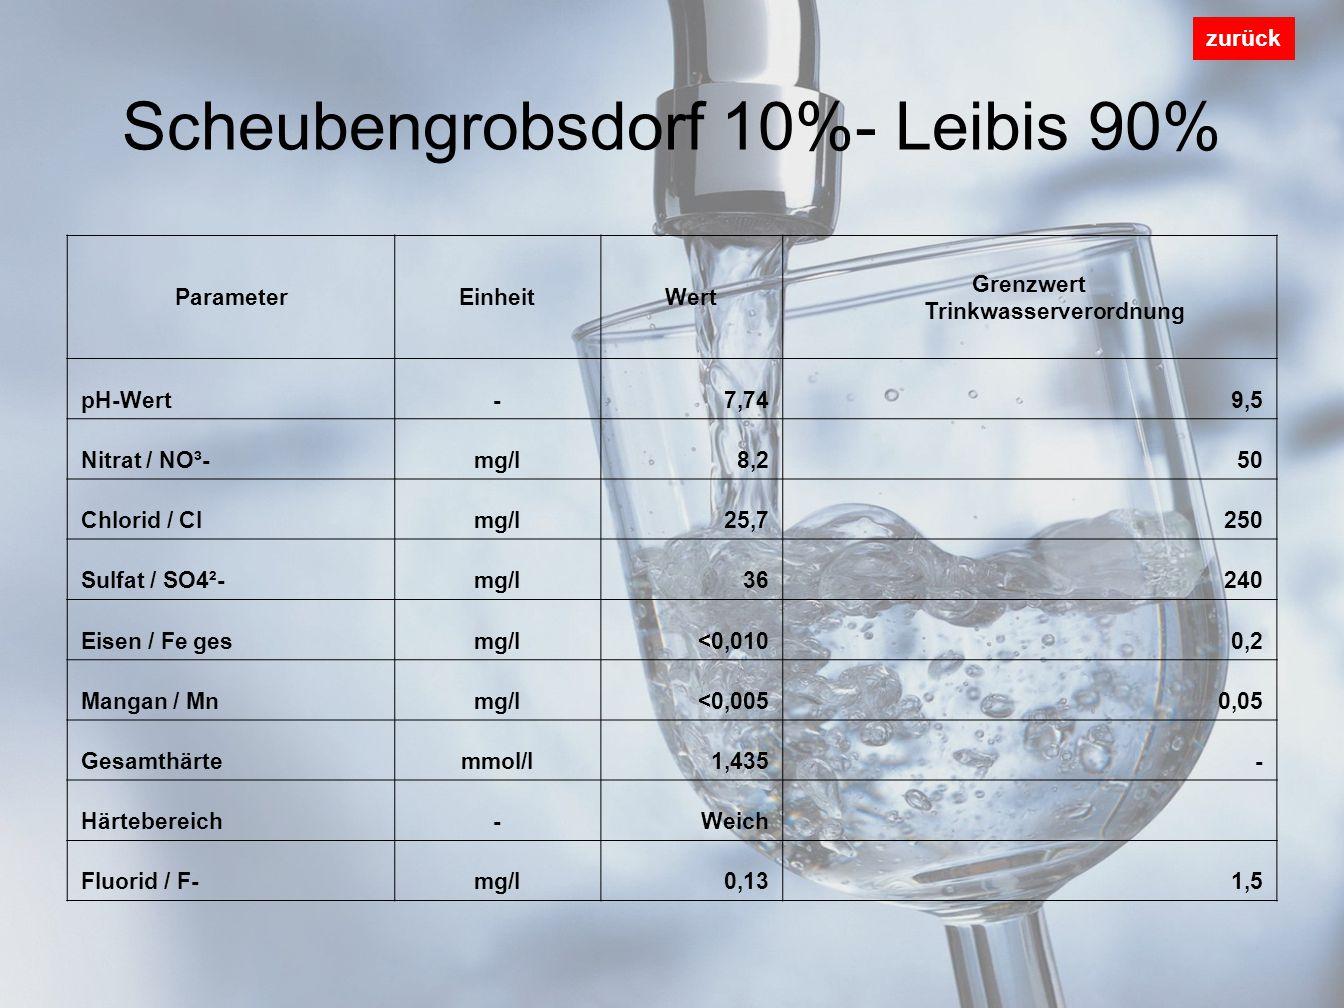 Scheubengrobsdorf 10%- Leibis 90% zurück ParameterEinheitWert Grenzwert Trinkwasserverordnung pH-Wert-7,749,5 Nitrat / NO³-mg/l8,250 Chlorid / Clmg/l25,7250 Sulfat / SO4²-mg/l36240 Eisen / Fe gesmg/l<0,0100,2 Mangan / Mnmg/l<0,0050,05 Gesamthärtemmol/l1,435- Härtebereich-Weich Fluorid / F-mg/l0,131,5